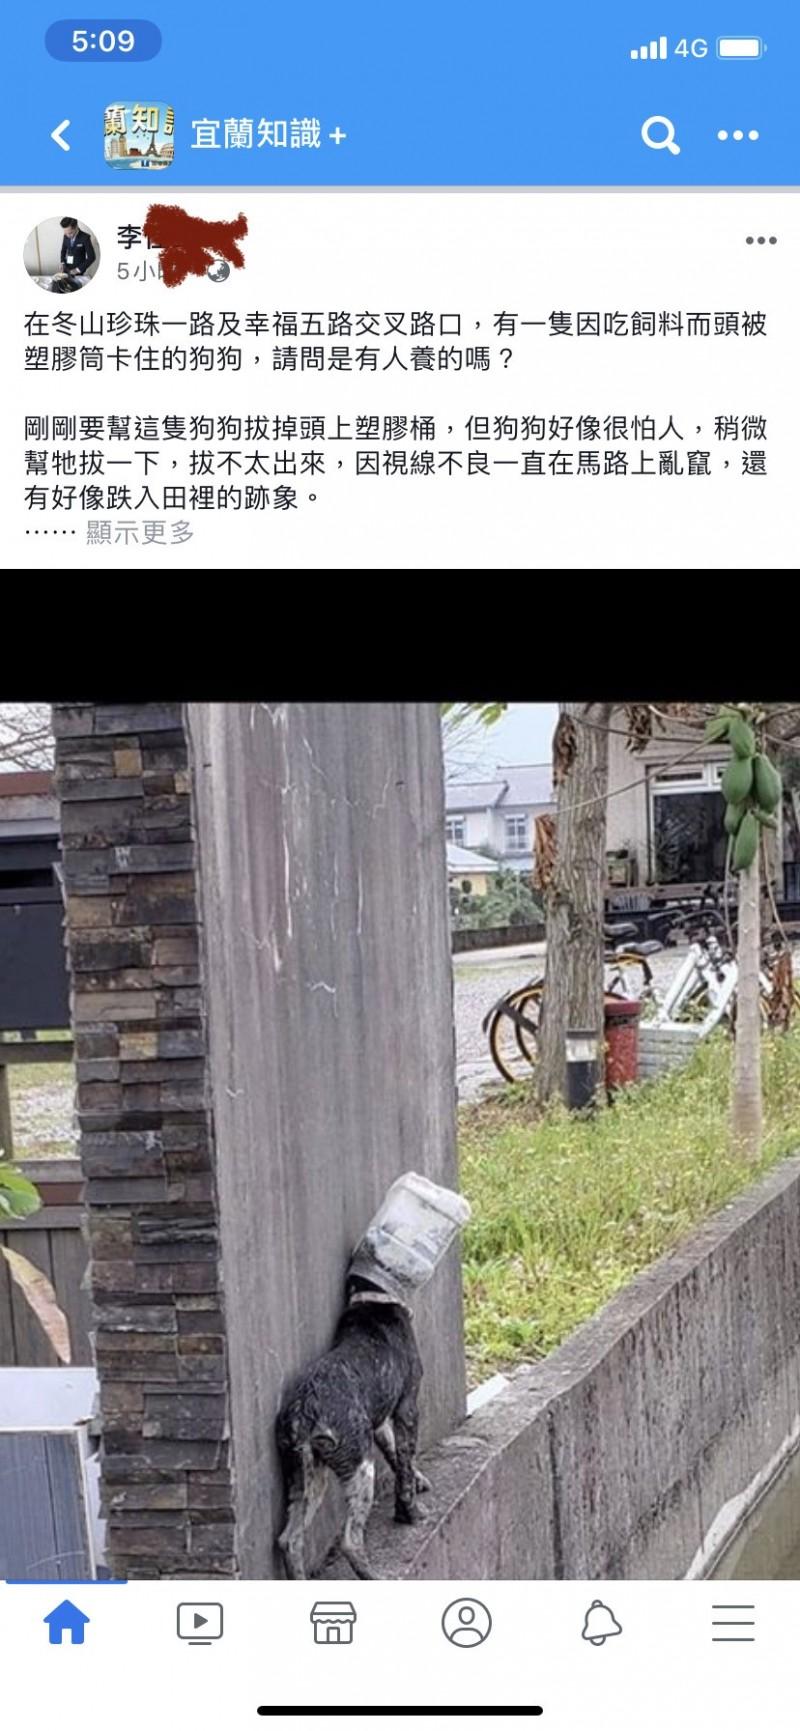 宜蘭冬山鄉一隻流浪狗頭被塑膠筒卡住,宛如帶了個「太空面罩」,有網友見狀,擔憂狗的安危,將相片PO網為狗求援。(翻攝自宜蘭知識+)